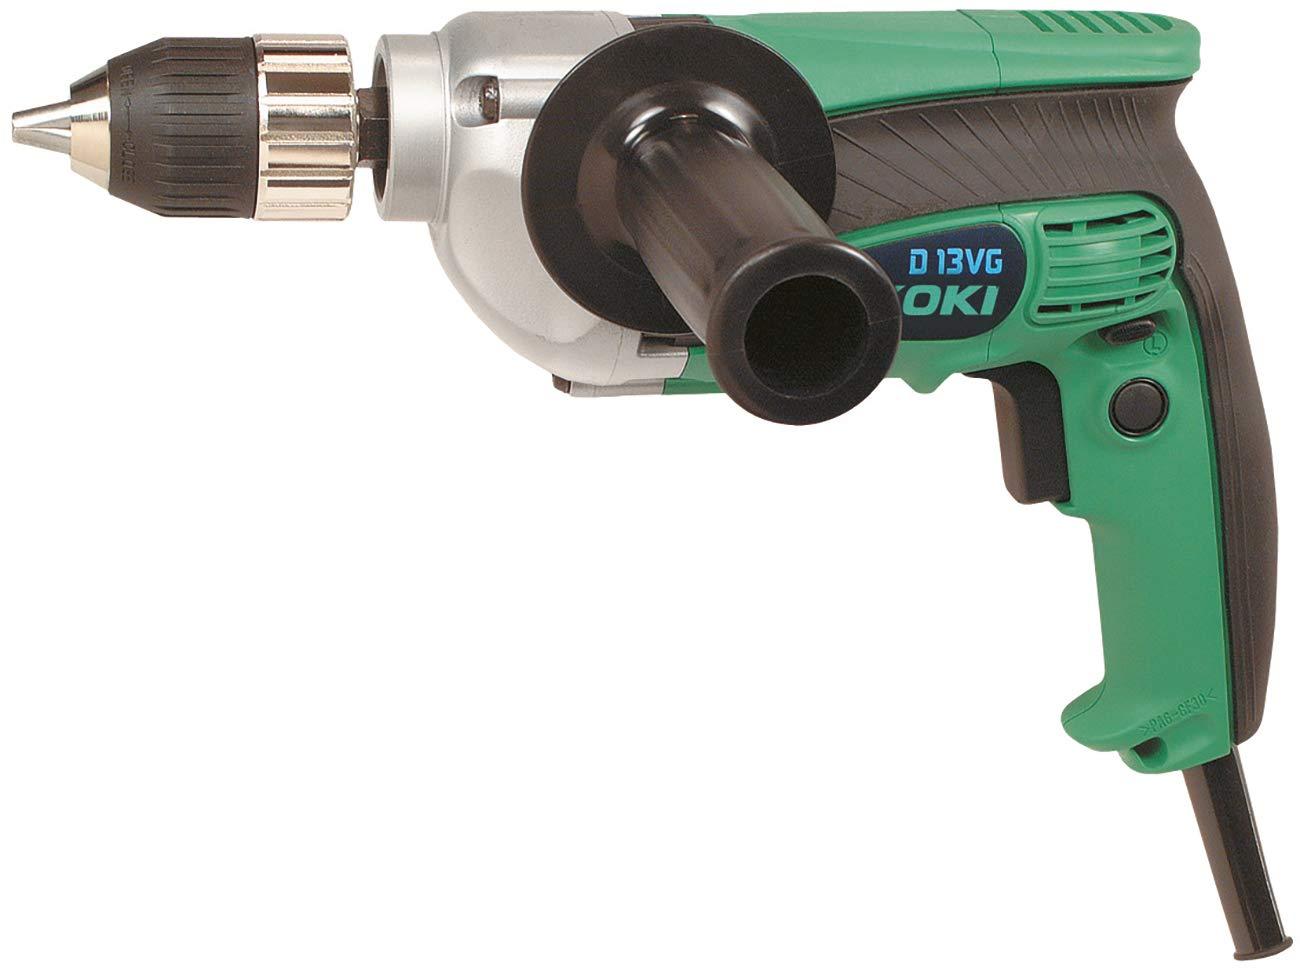 hikoki d13vgww Perceuse 710/W W 230/V